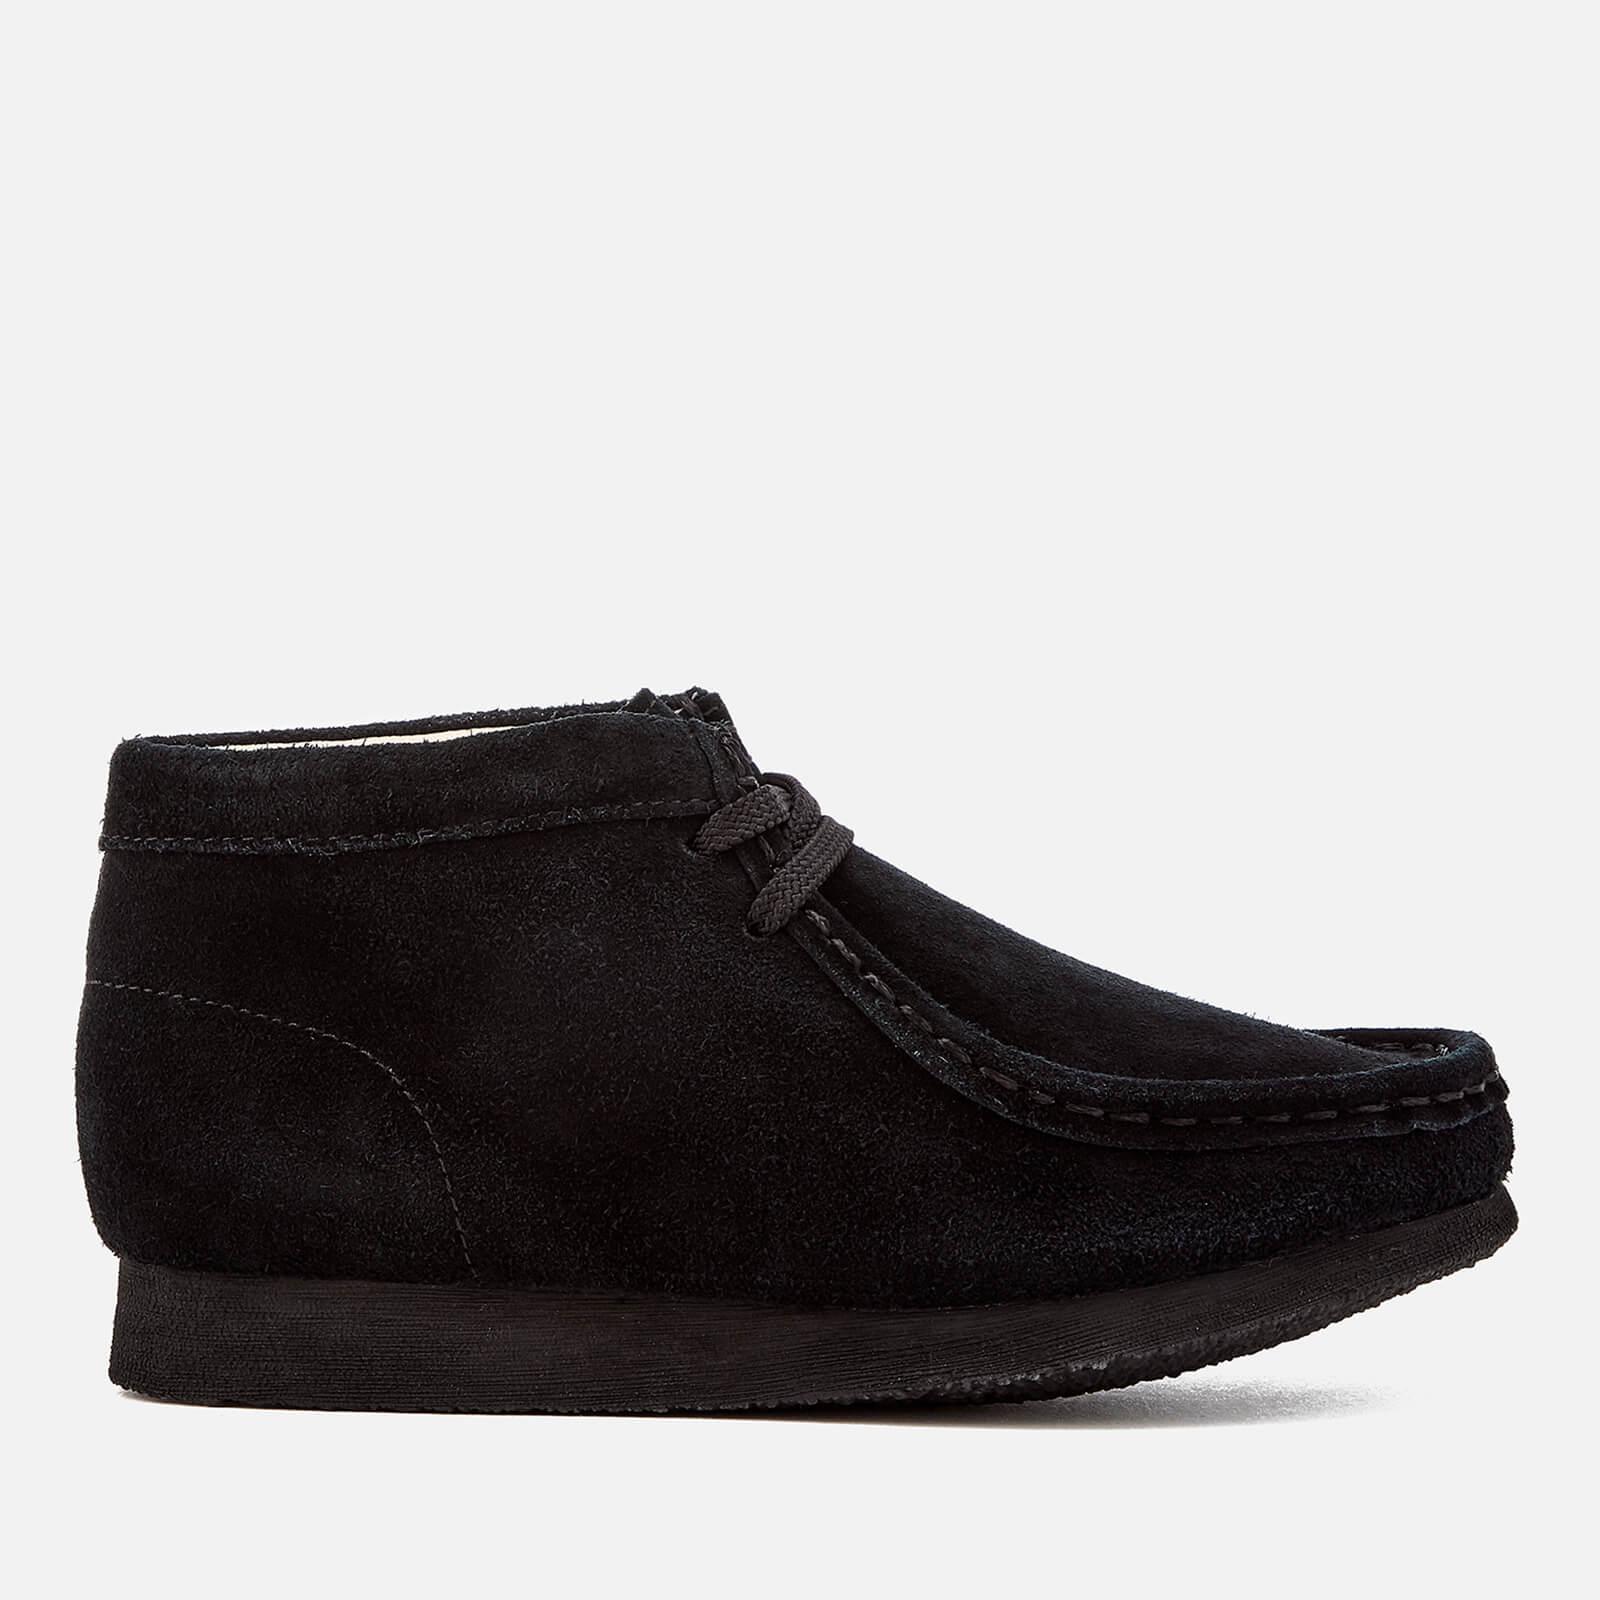 buy online b5293 16075 Clarks Originals Kids' Wallabee Boots - Black Suede